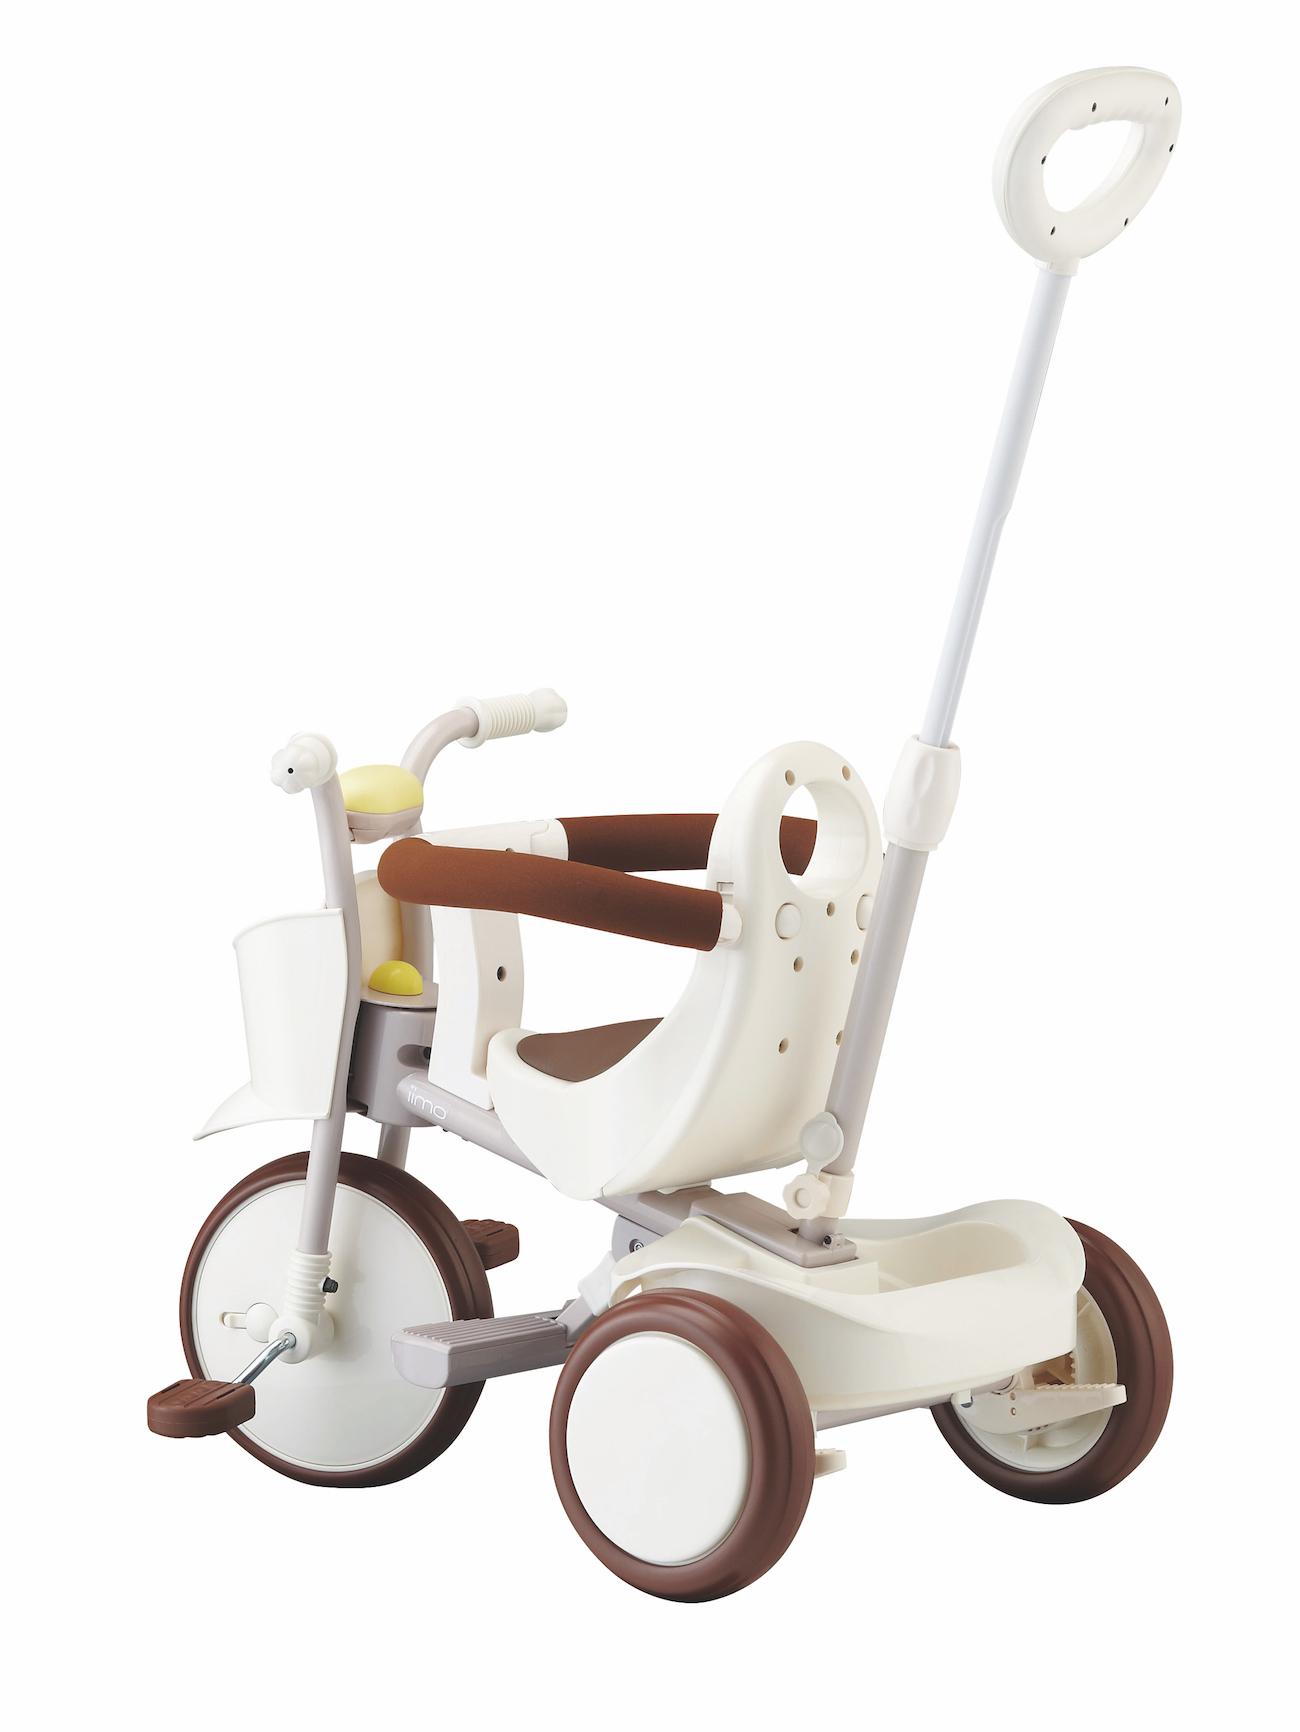 IIMO BIKE rowerek trójkołowy